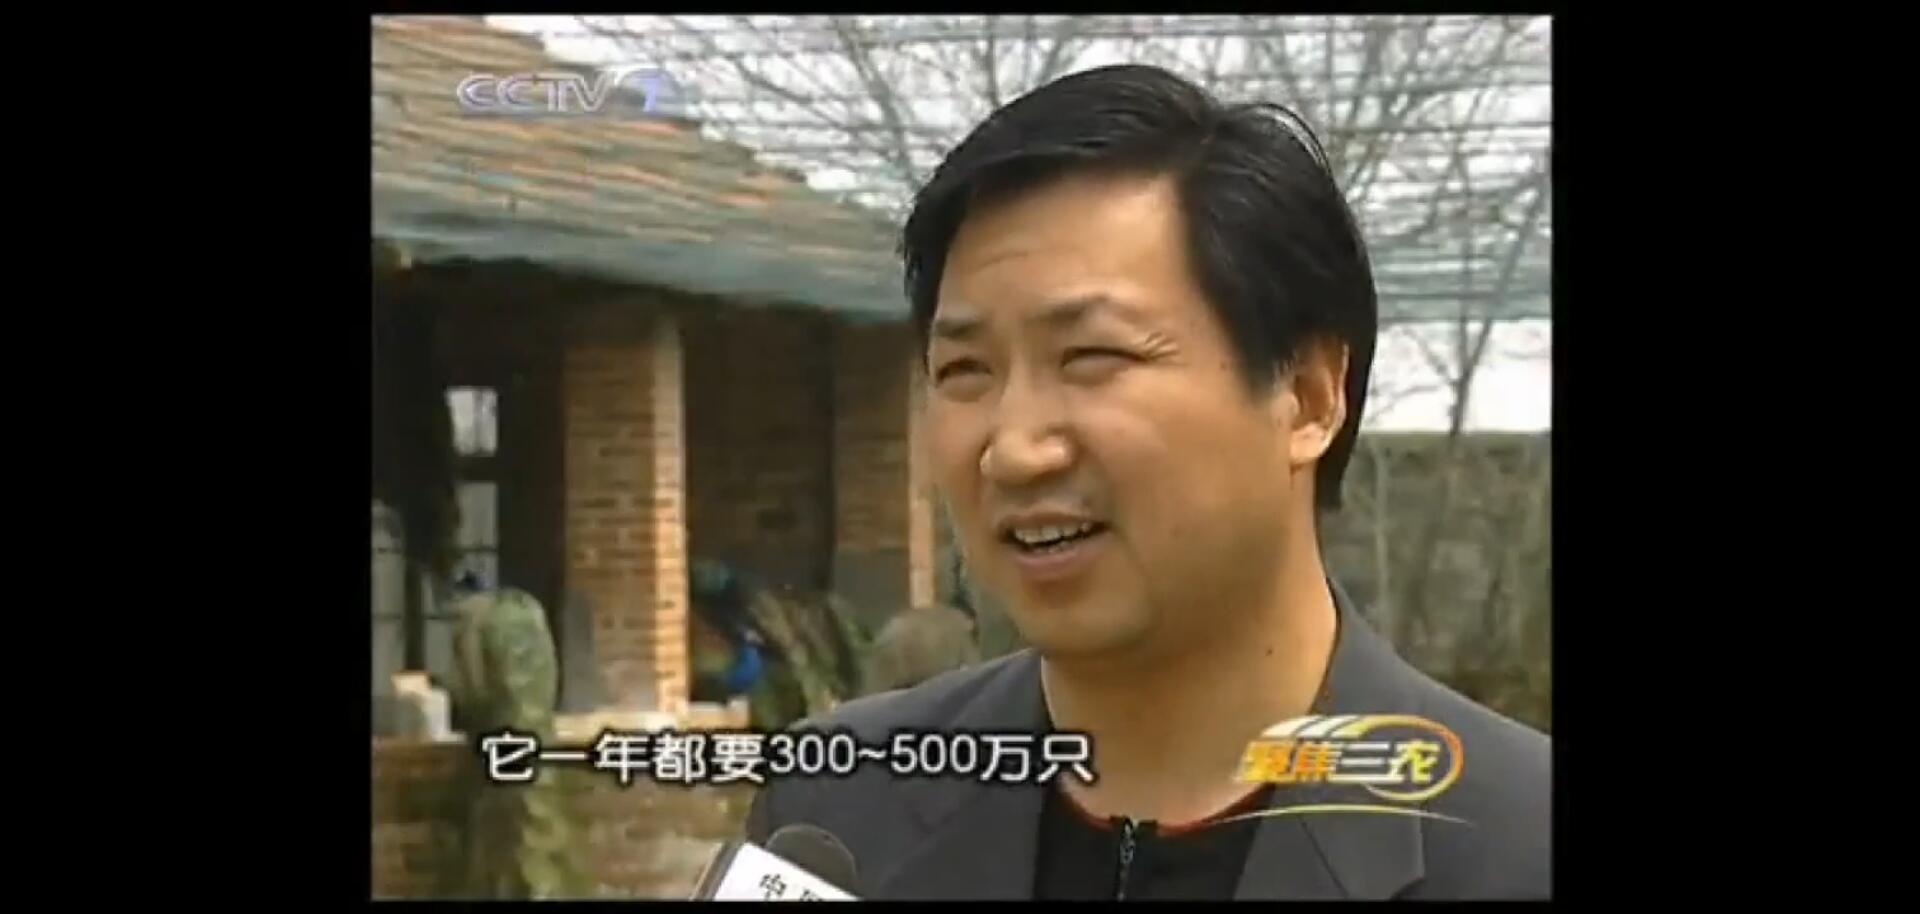 CCTV-7《聚焦三农》透视中华彩票网是不是真的养殖业